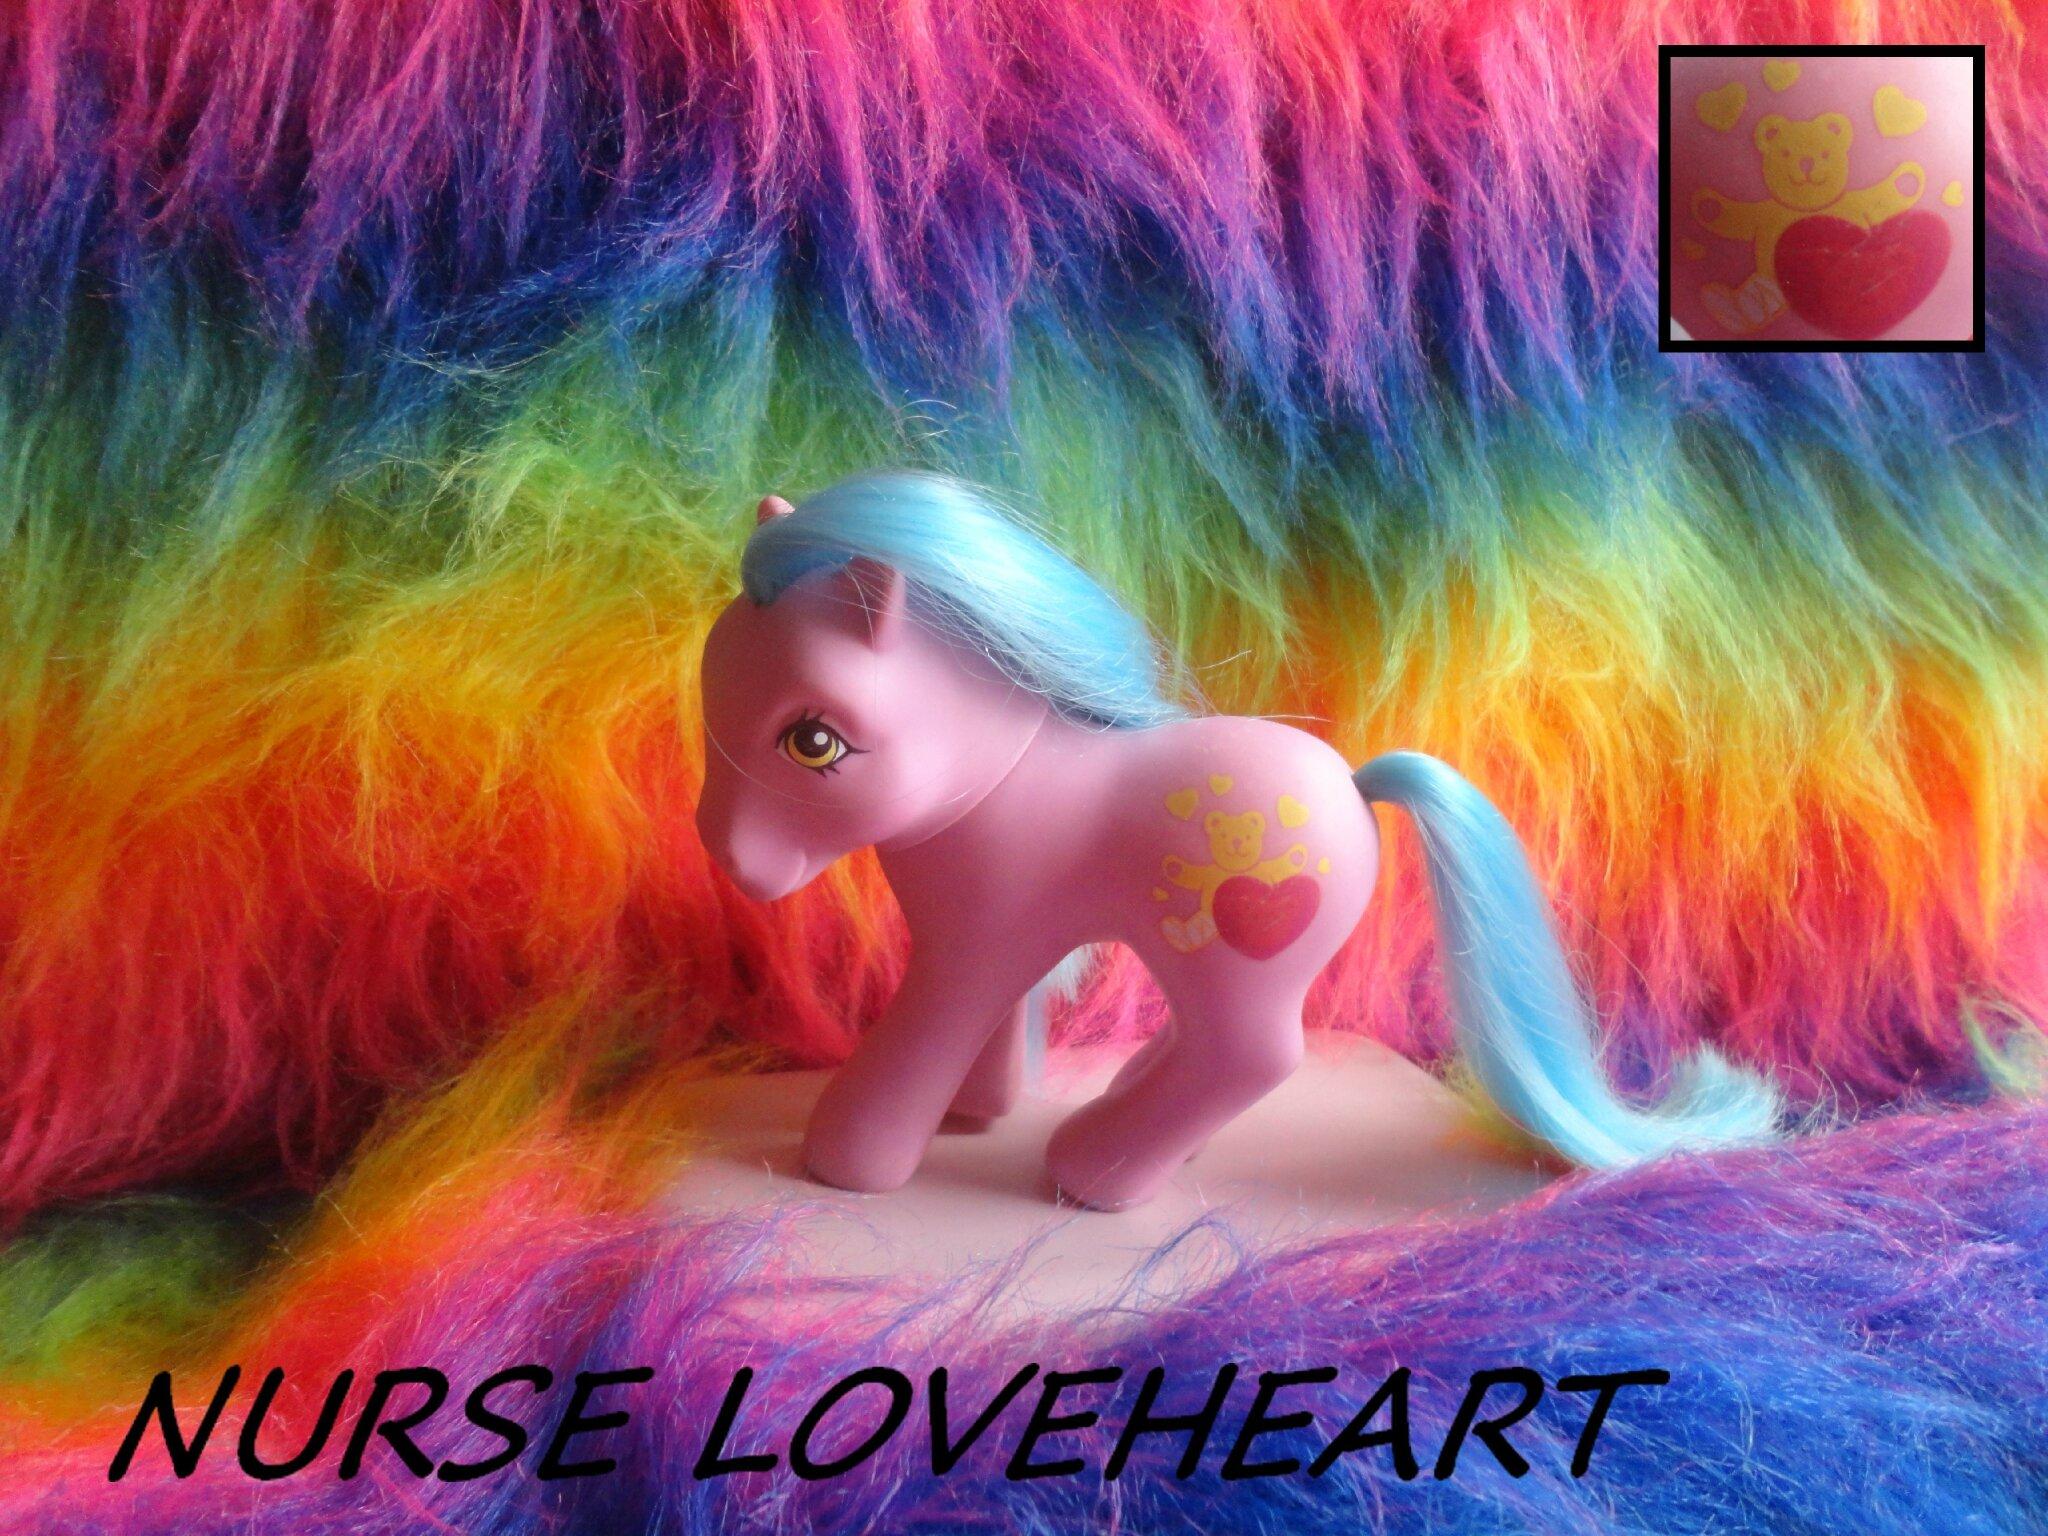 NURSE LOVEHEART